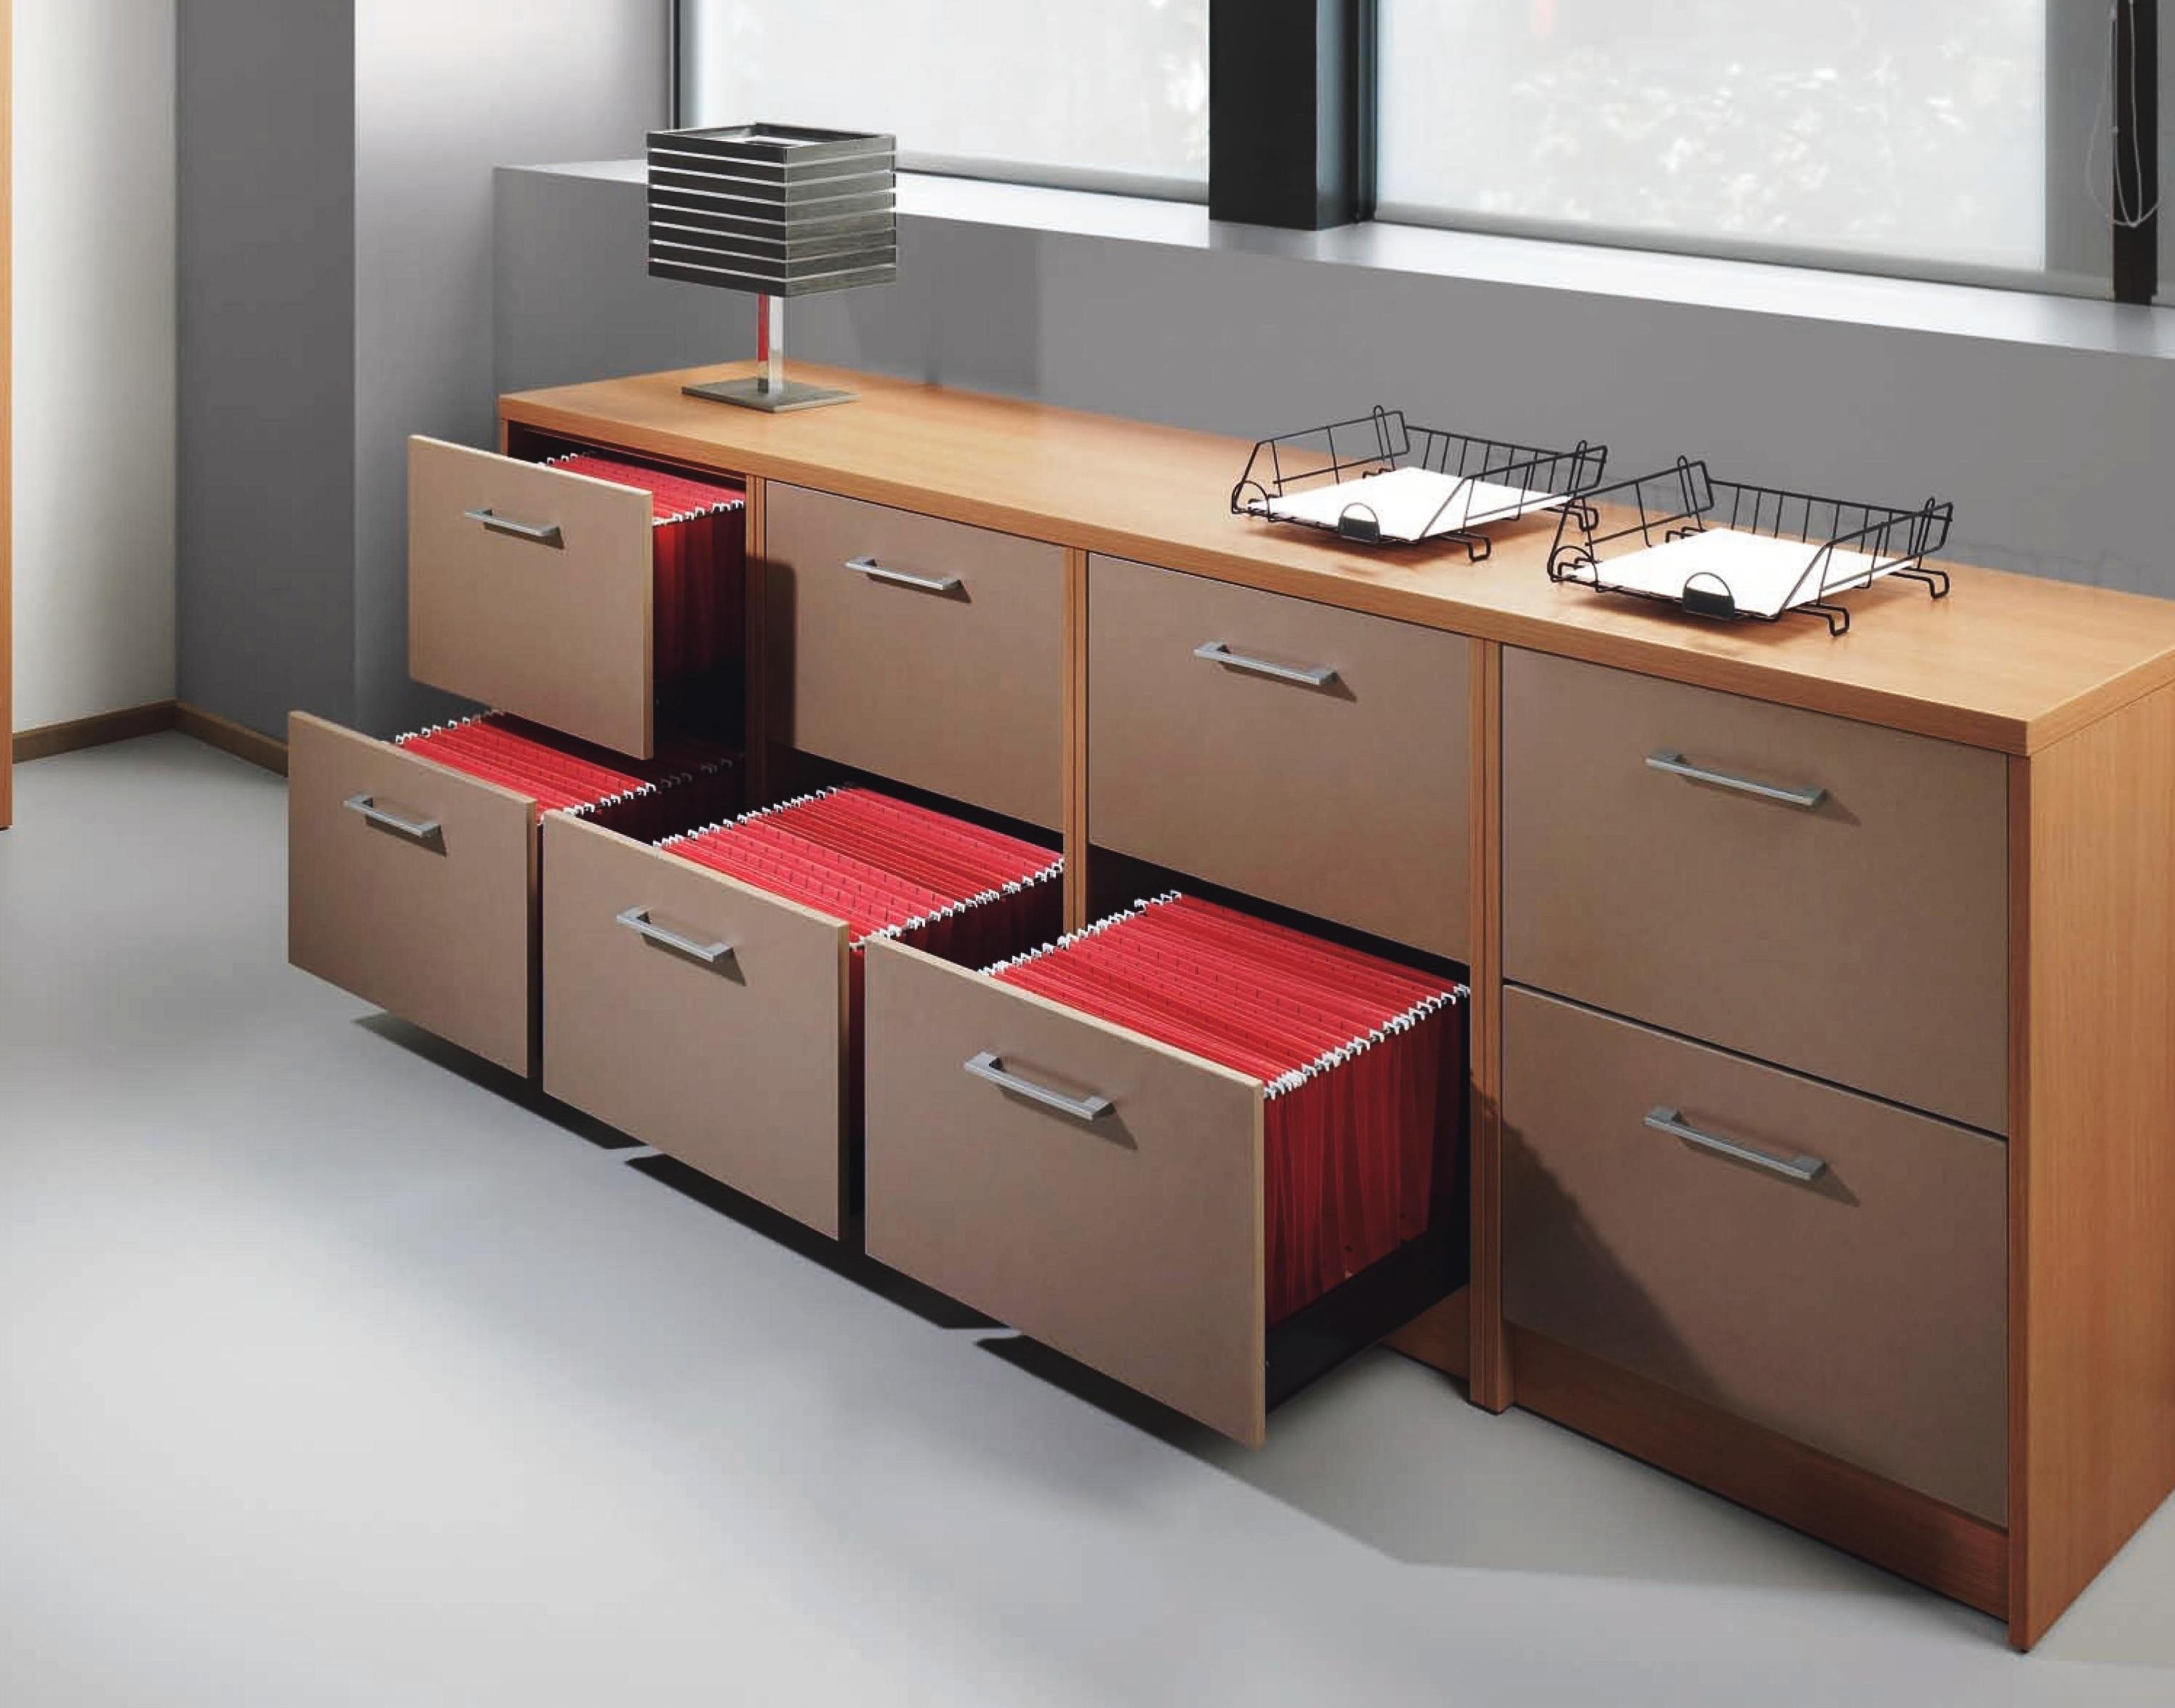 Foto mueble archivador moderno despacho xanadu foto 381188 for Muebles para almacenar